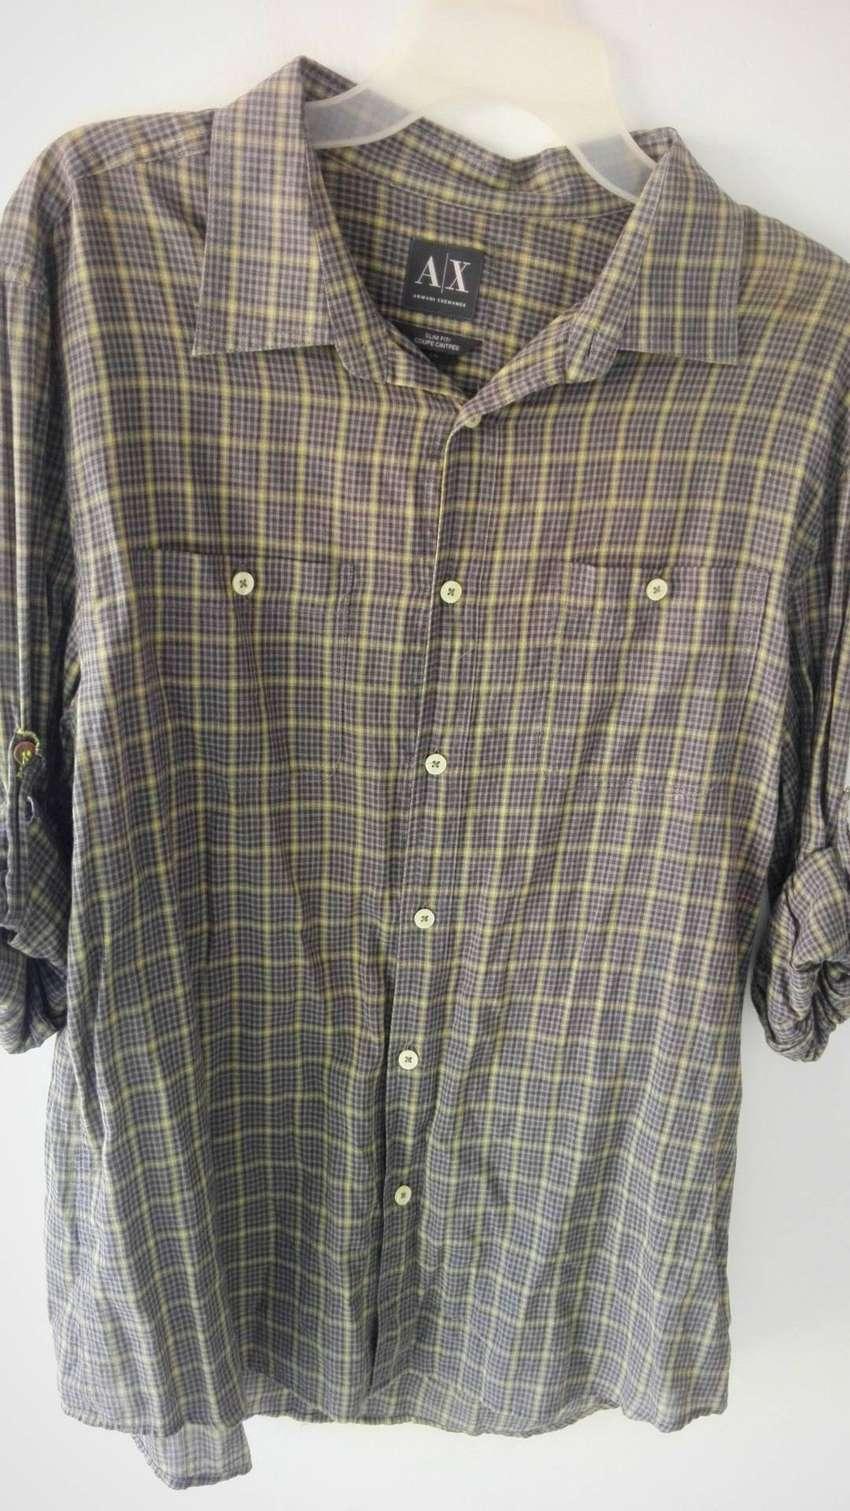 Camisa Armani Exchance Original Talla L Una Sola Postura! 0